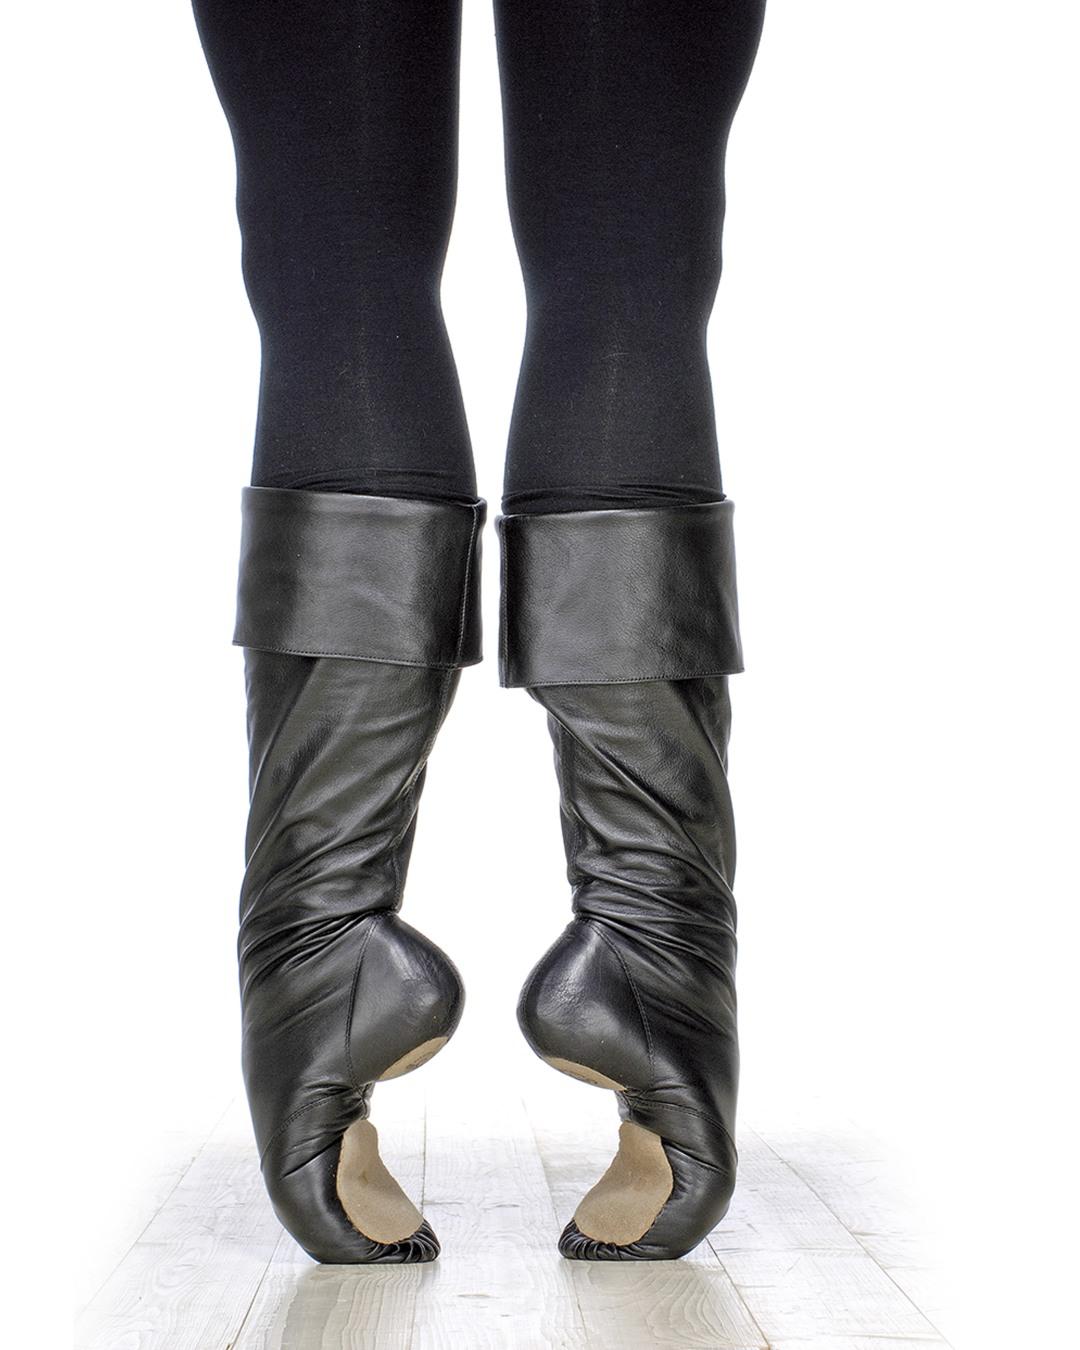 Пошив обуви на заказ, индивидуальный пошив обуви 92